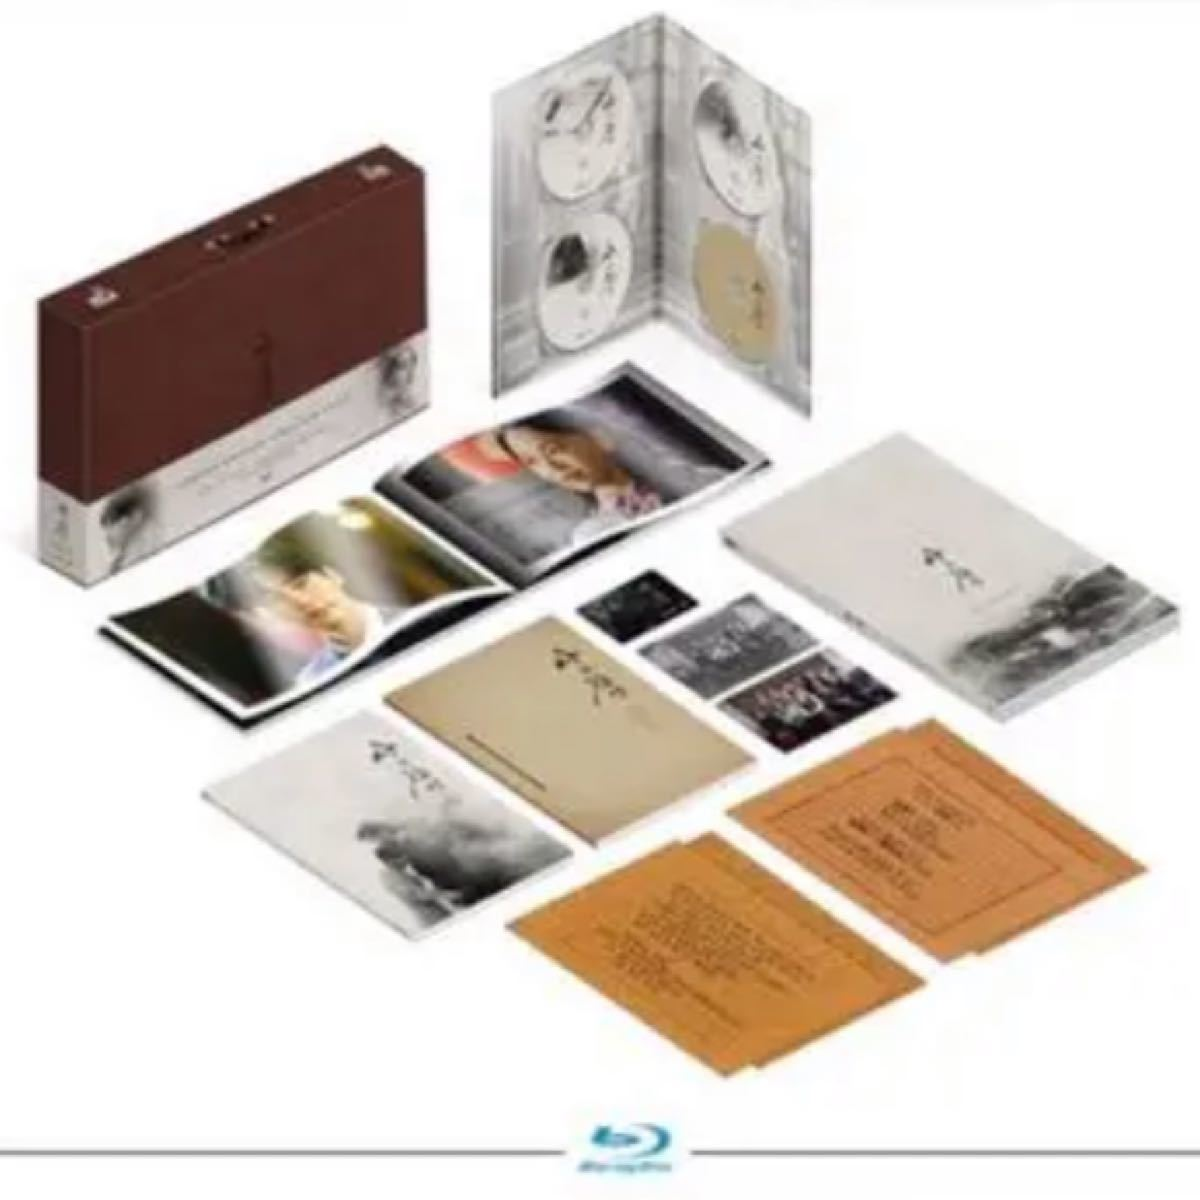 イジョンソク 死の賛美 監督版 Blu-ray Box